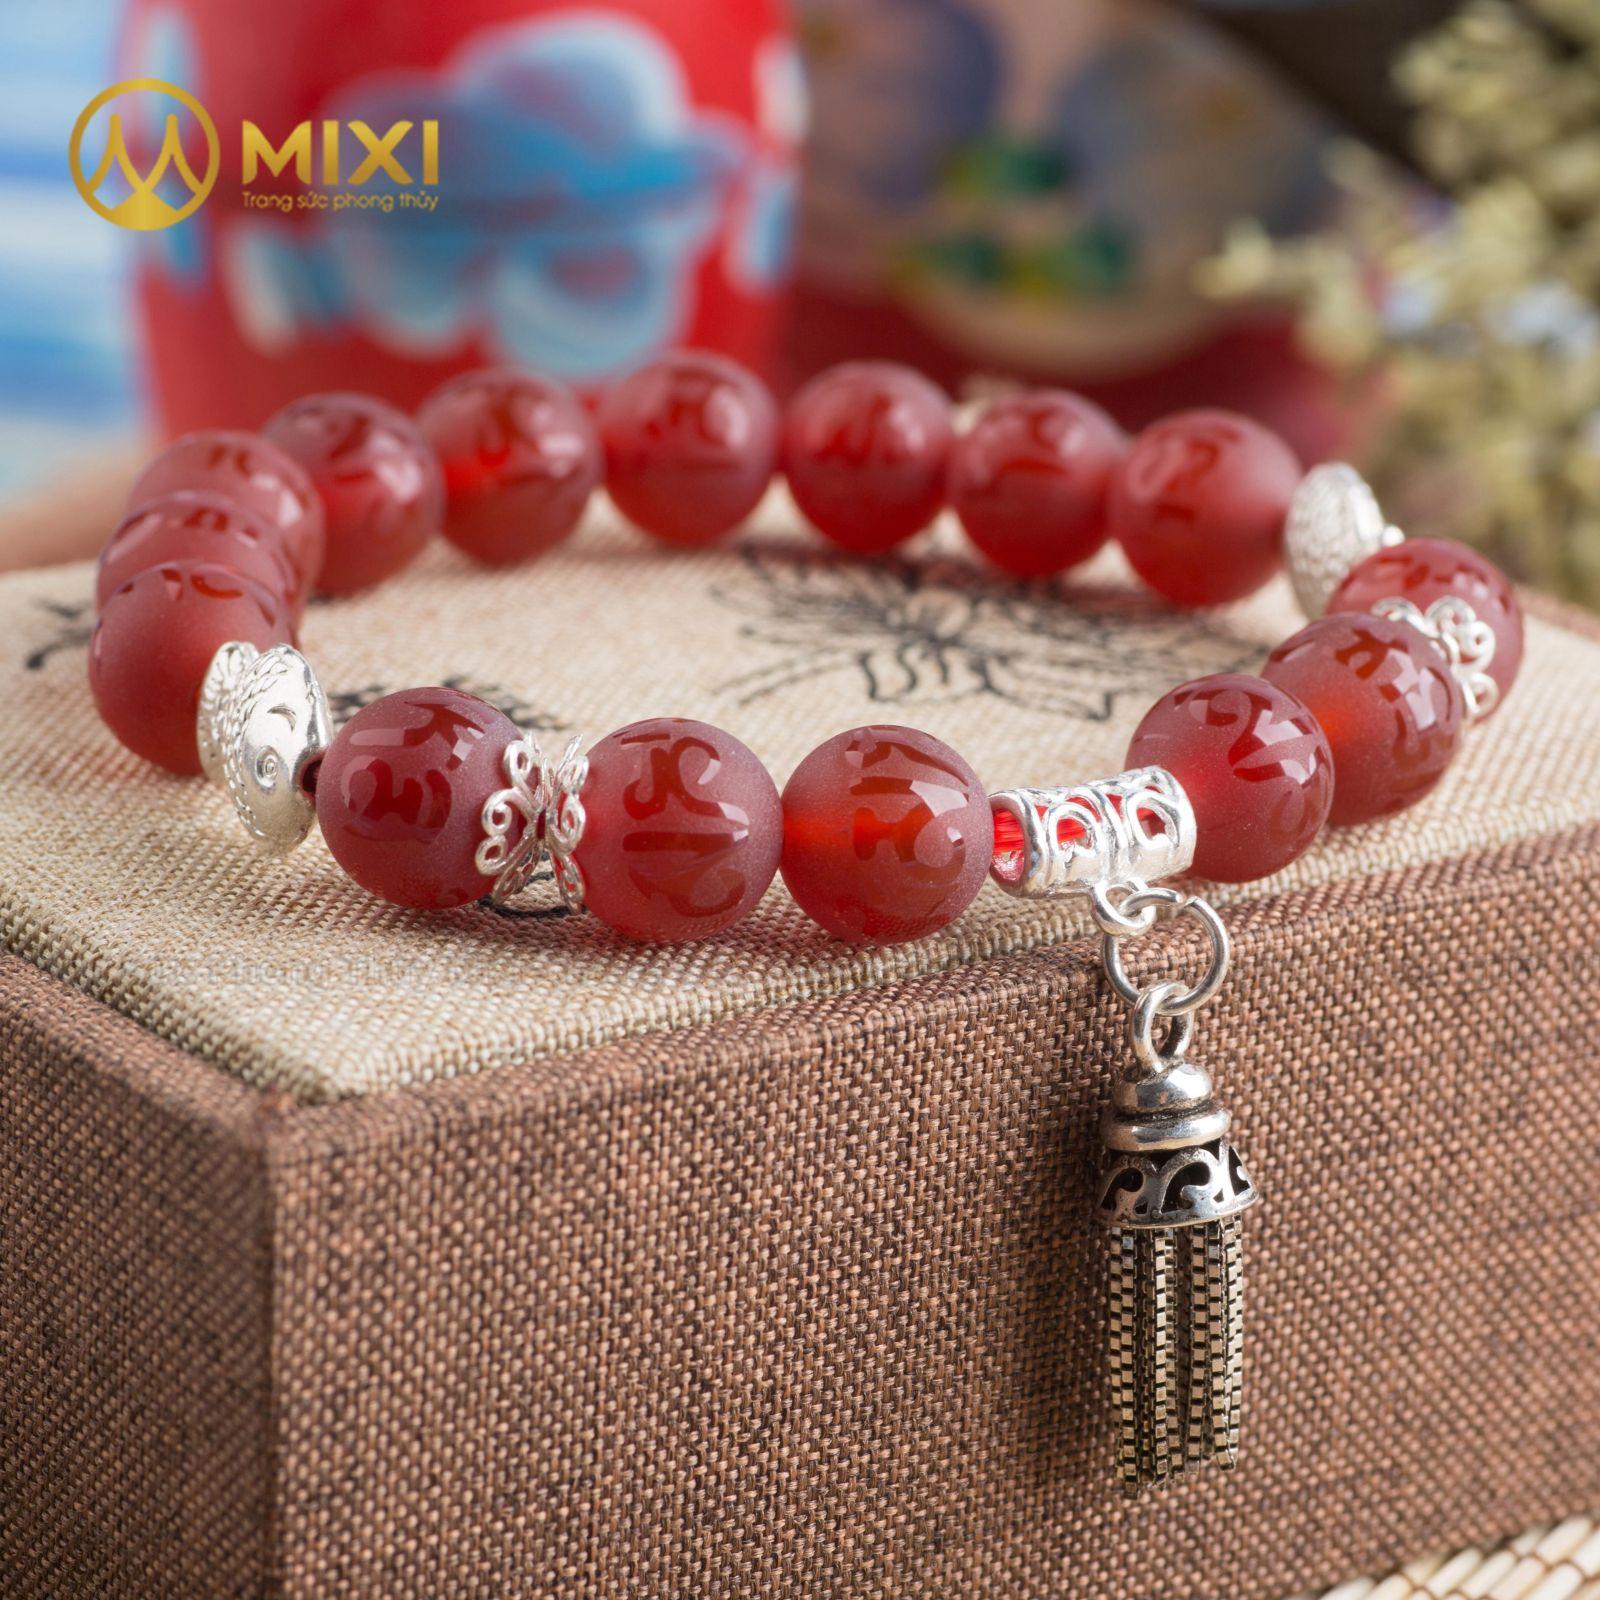 Vòng Tay Đá Mã Não Đỏ Nhám Kinh Phật 10 Mix Charm Chuông Gió Bạc 925 BCG01